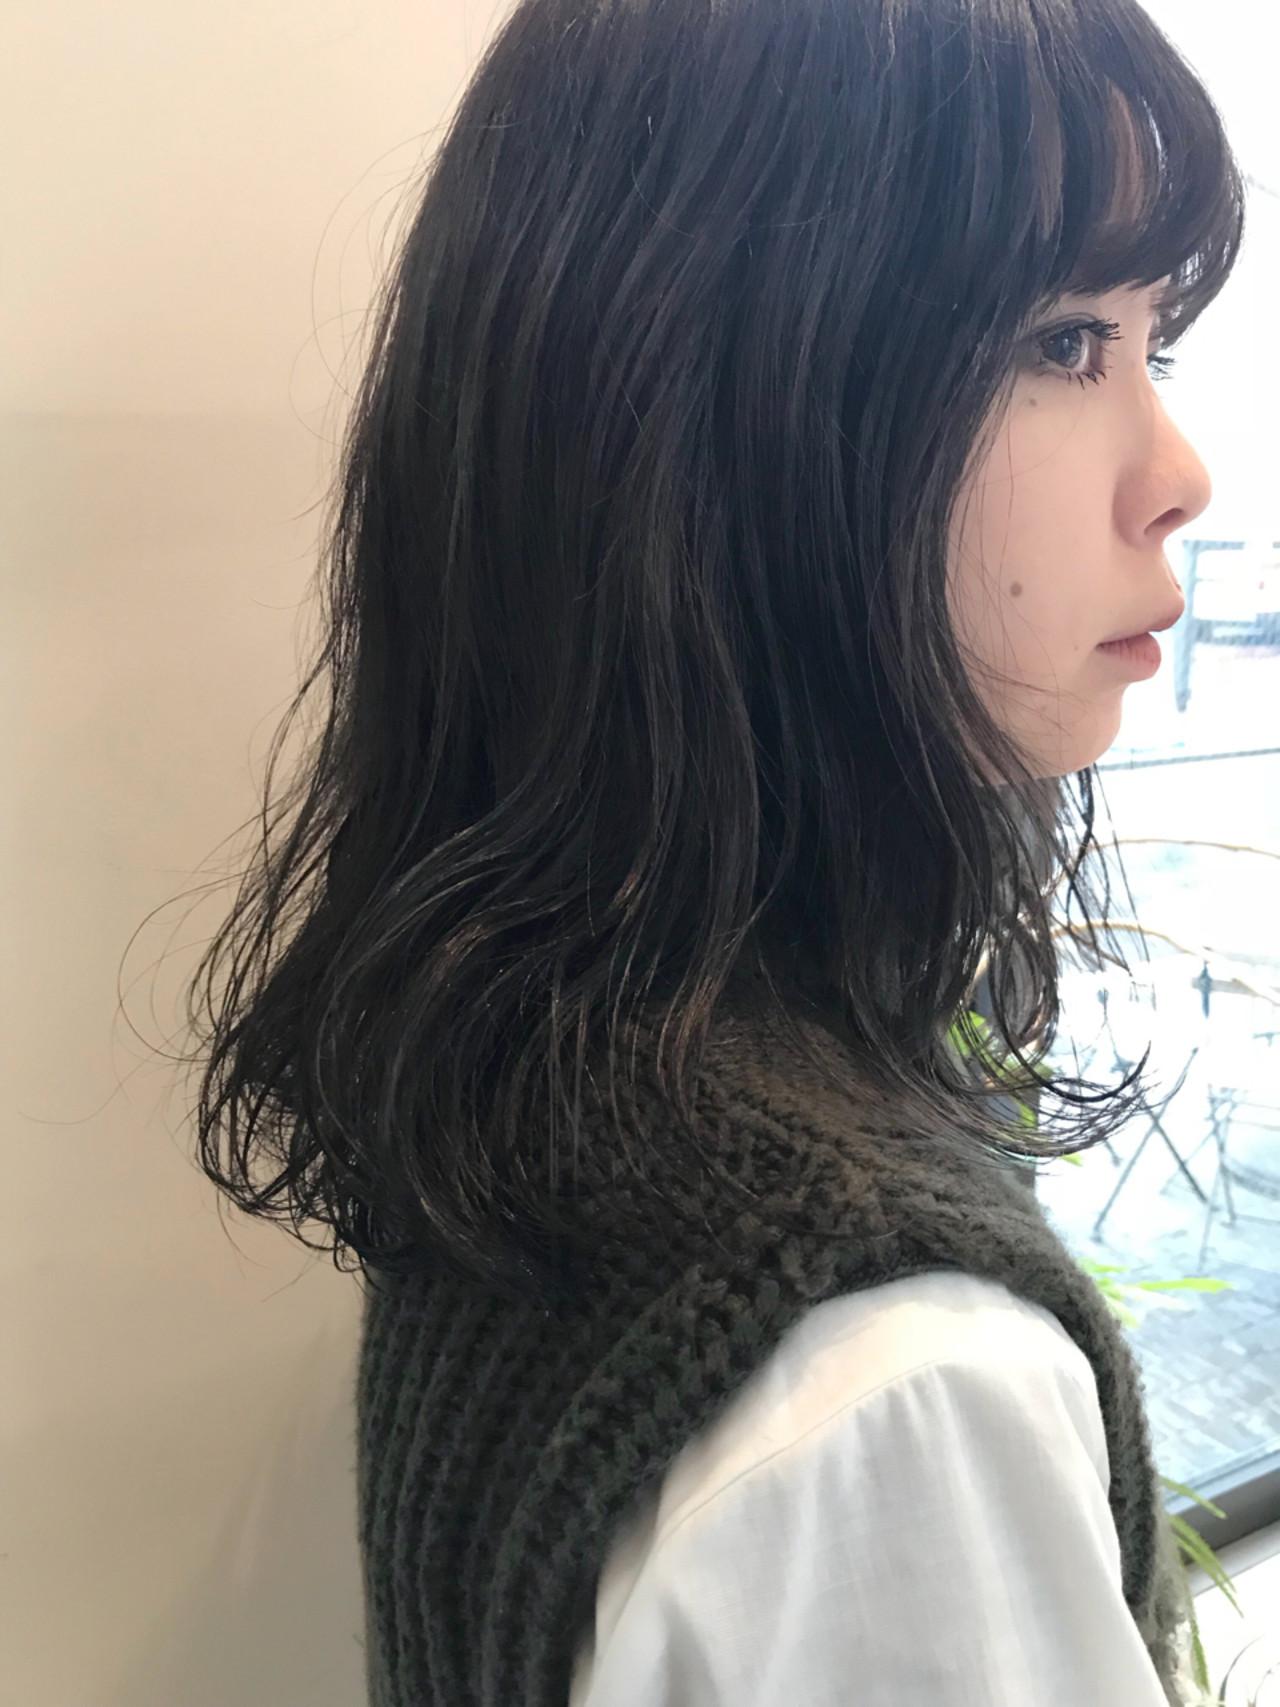 ピュア くせ毛風 大人かわいい 前髪あり ヘアスタイルや髪型の写真・画像 | 磯部巧 / brisa